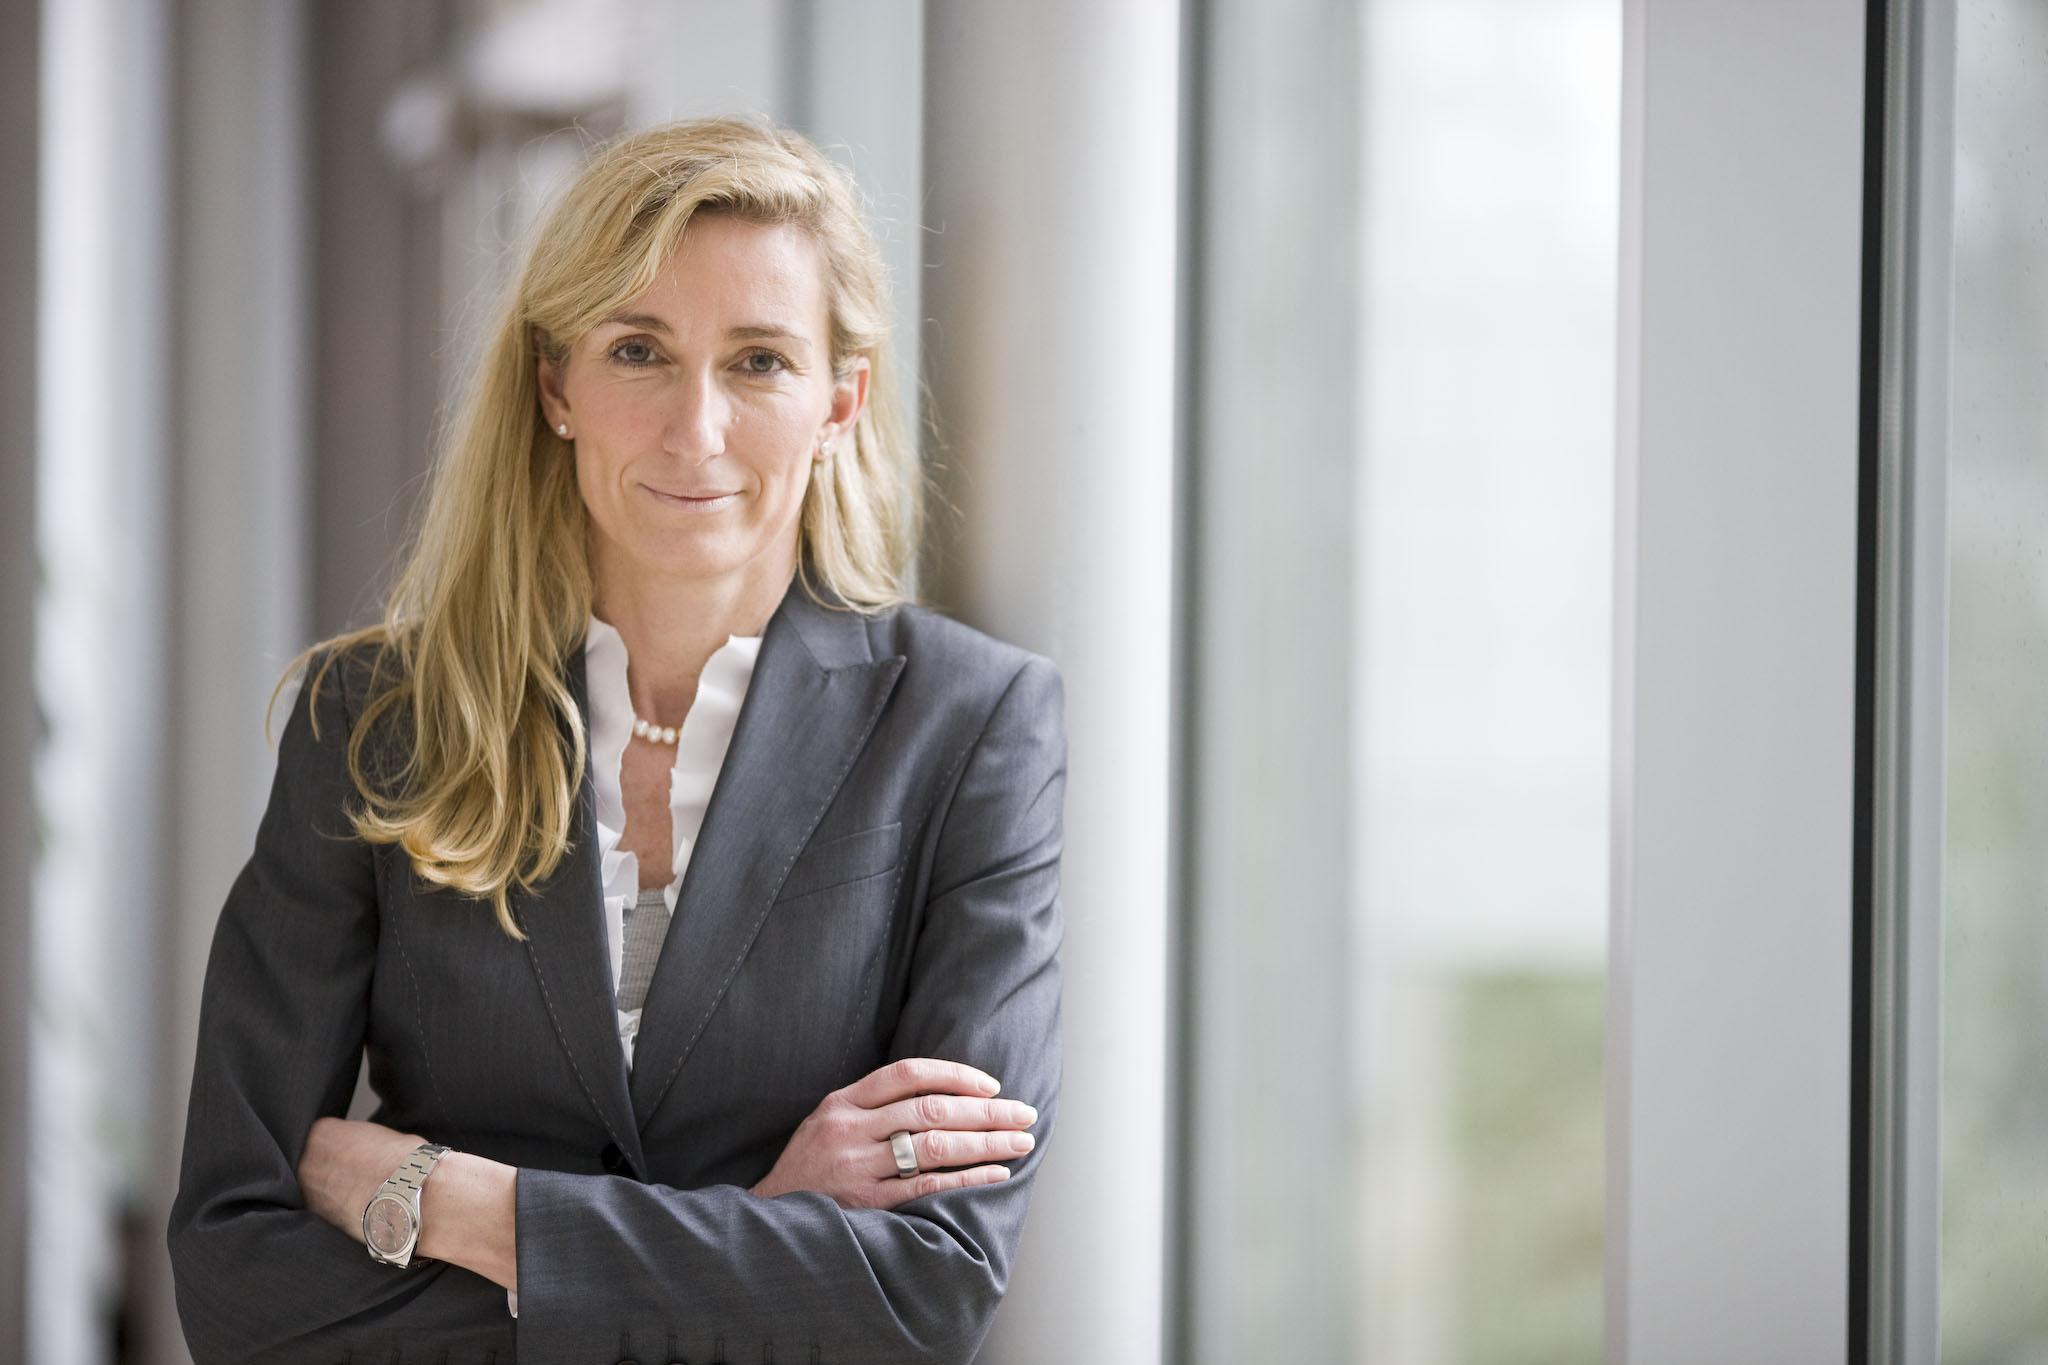 Anette Bronder wechselt von Vodafone in die T-Systems-Geschäftsleitung. Hier soll sie vor allem die Digitalisierungsstrategie von Unternehmenskunden verantworten. (Bild: T-Systems)